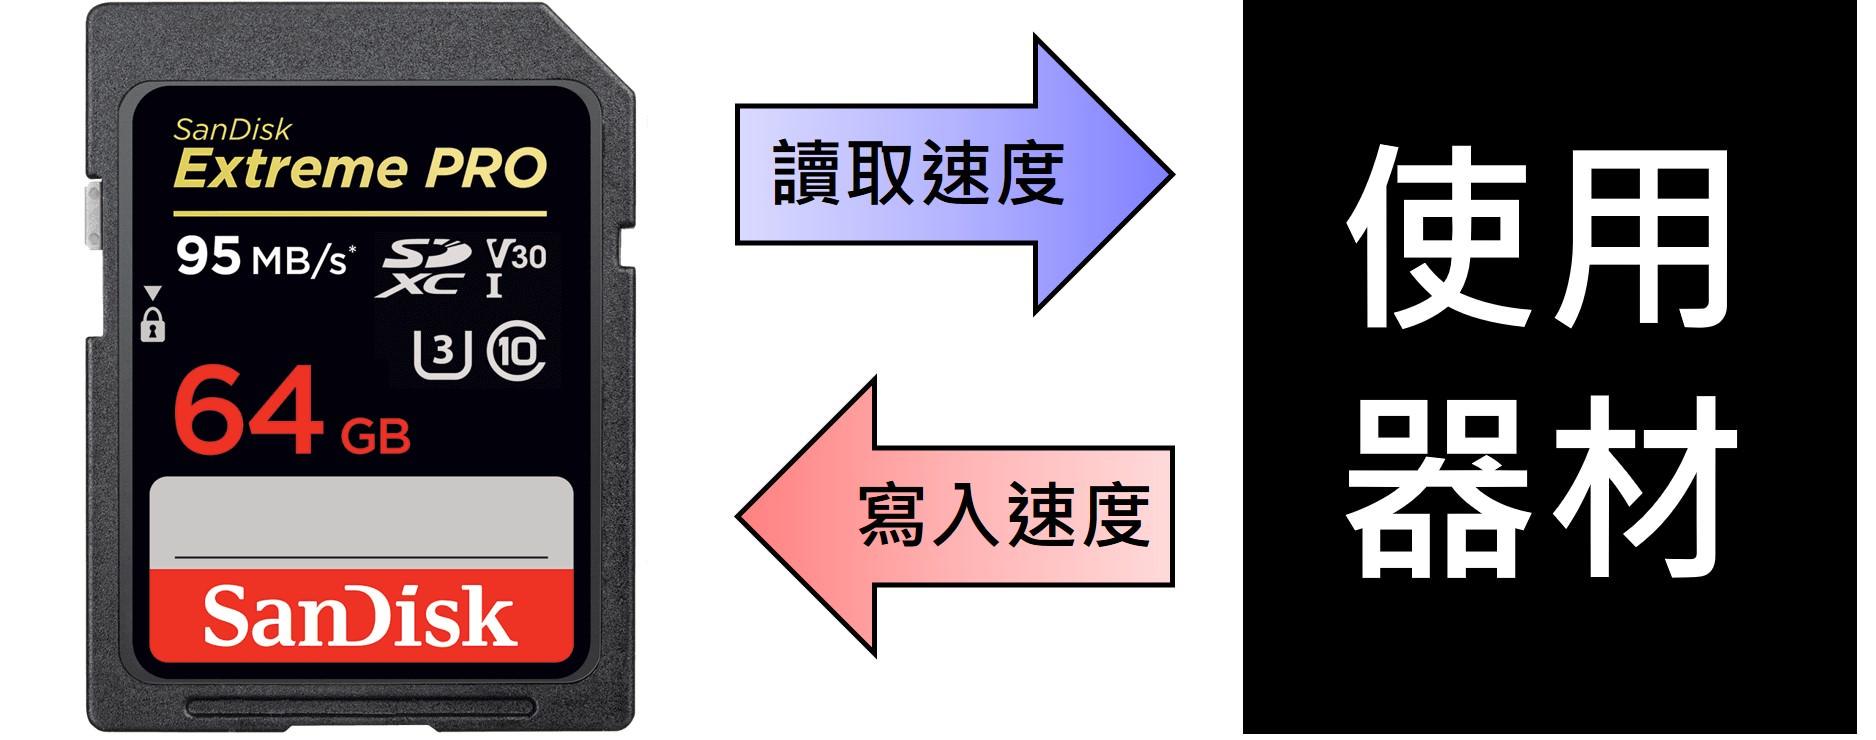 SanDisk 記憶卡規格認識